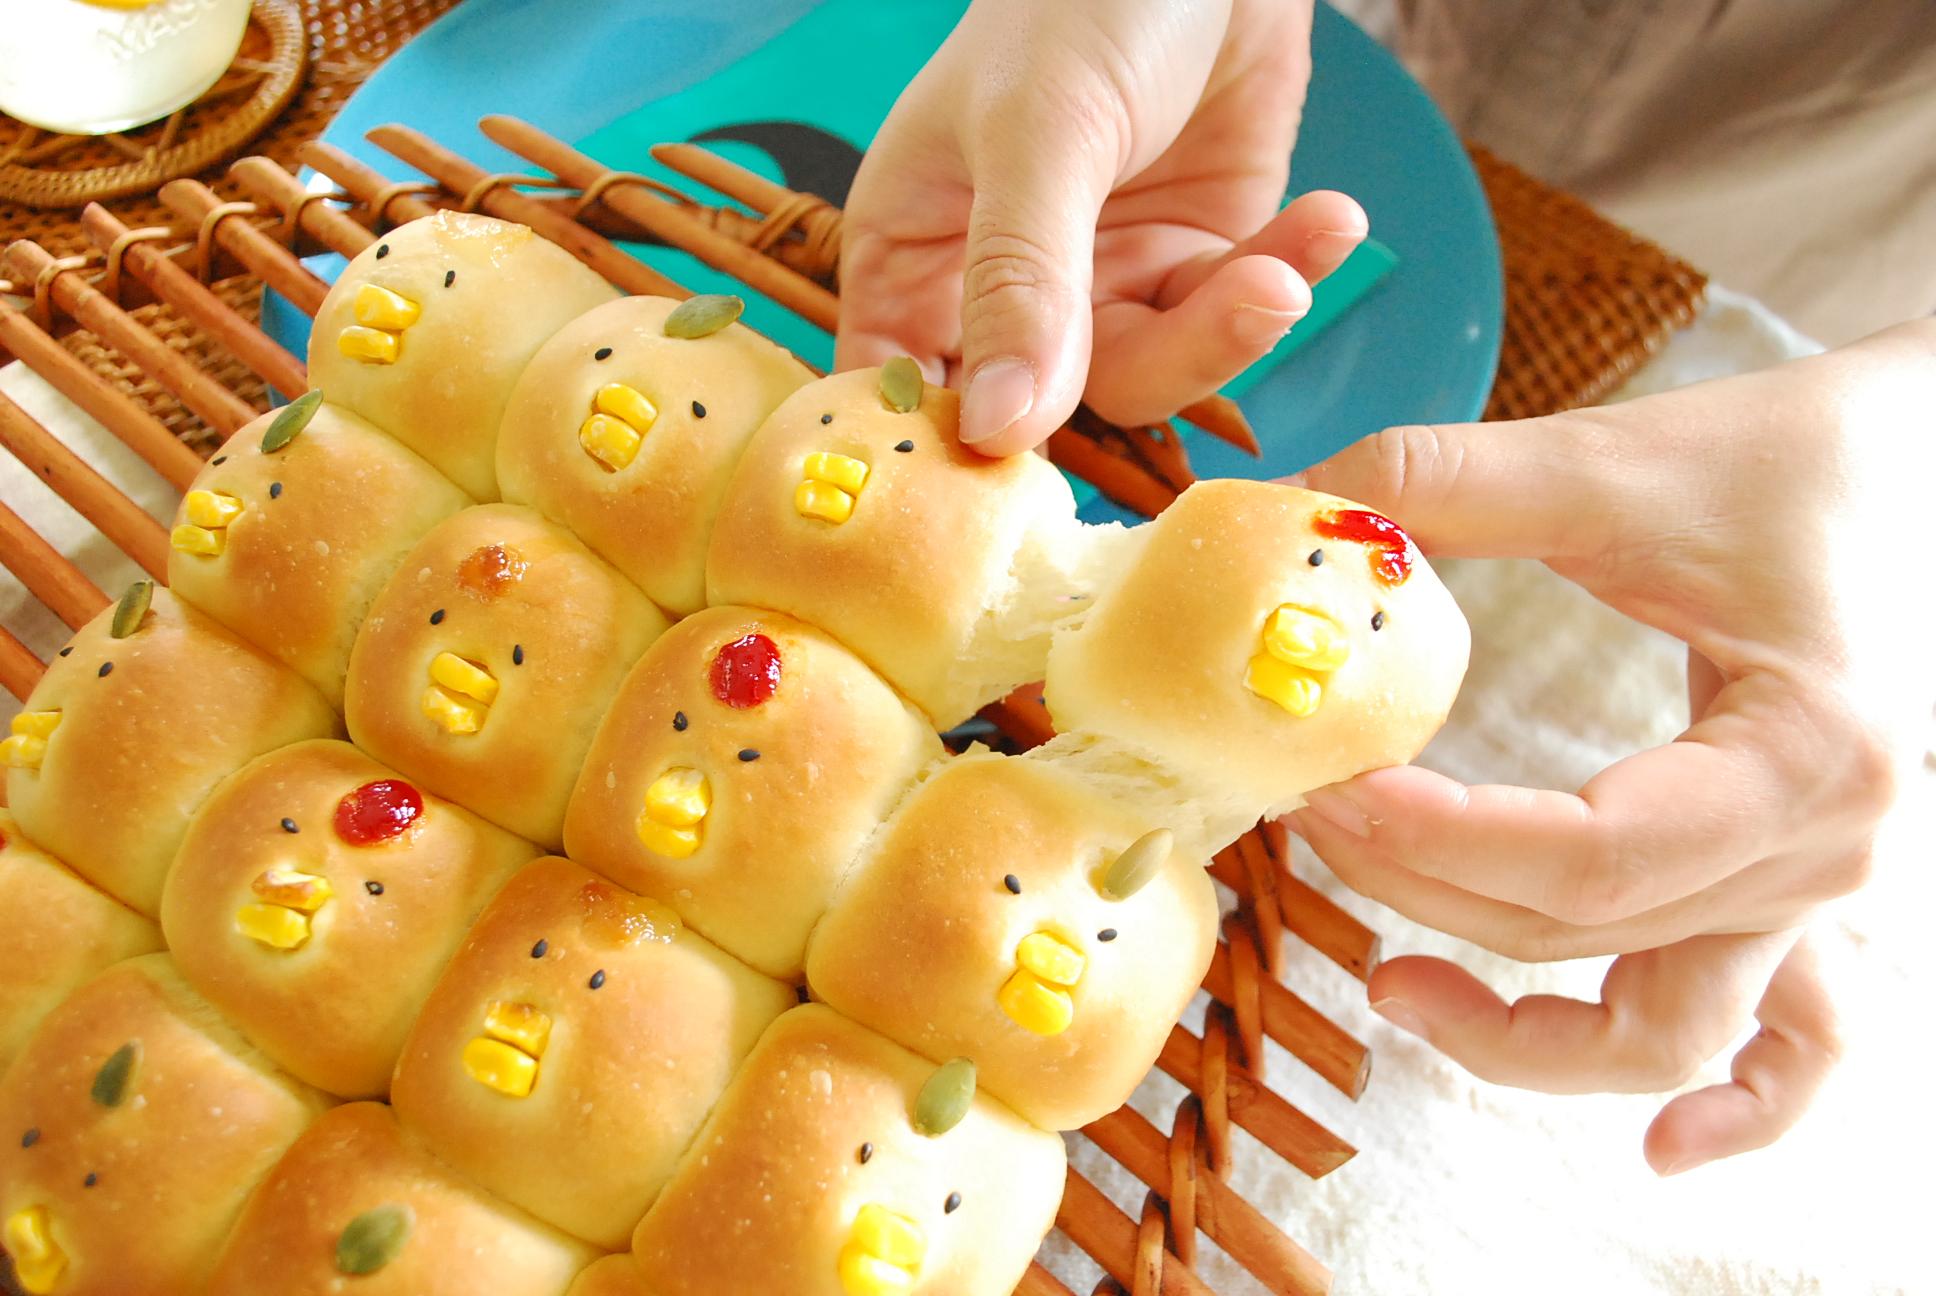 ピヨピヨ大集合?ちぎりパン??